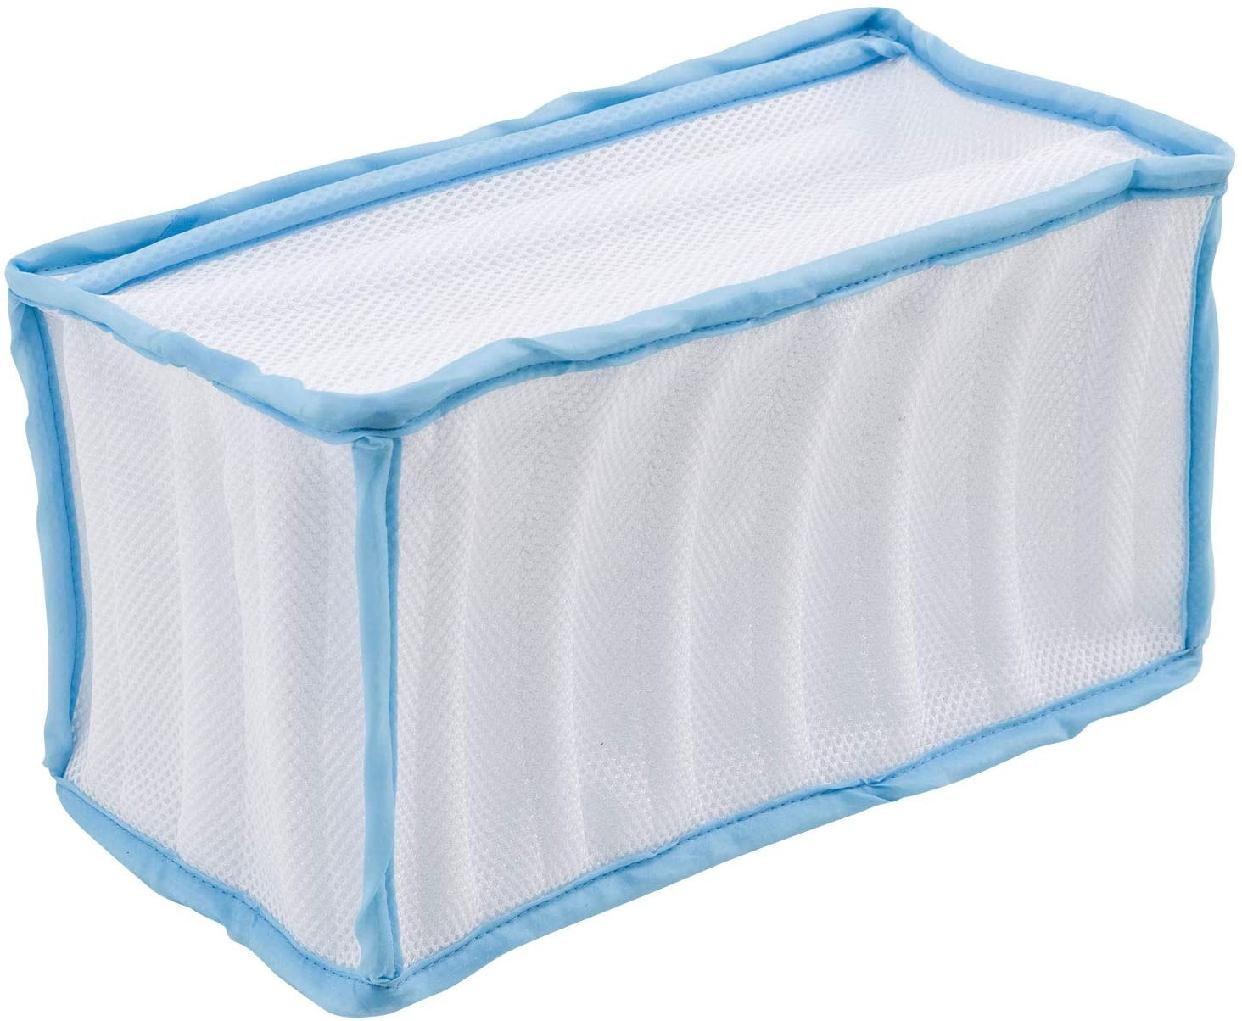 FINE(ファイン) シューズ洗濯ネットの商品画像2